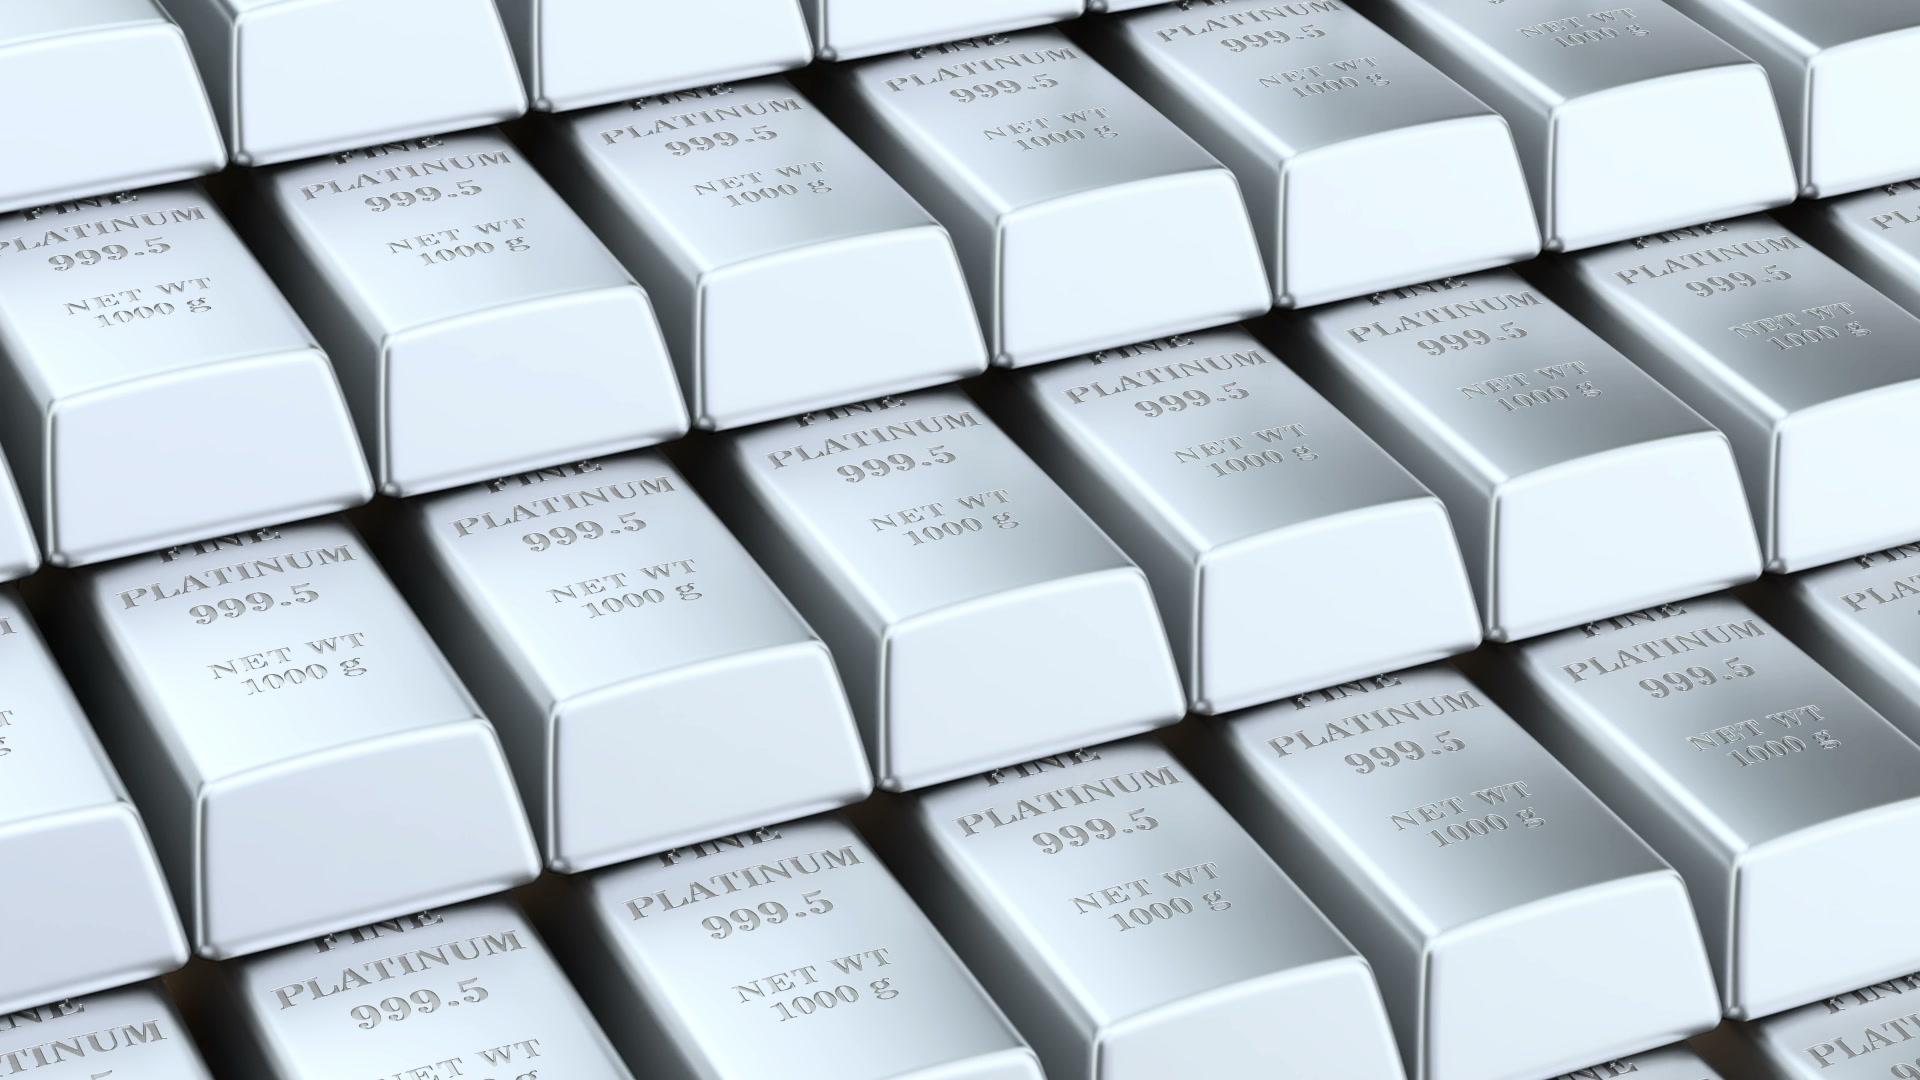 Platinum Wave Analysis – 11 March, 2020